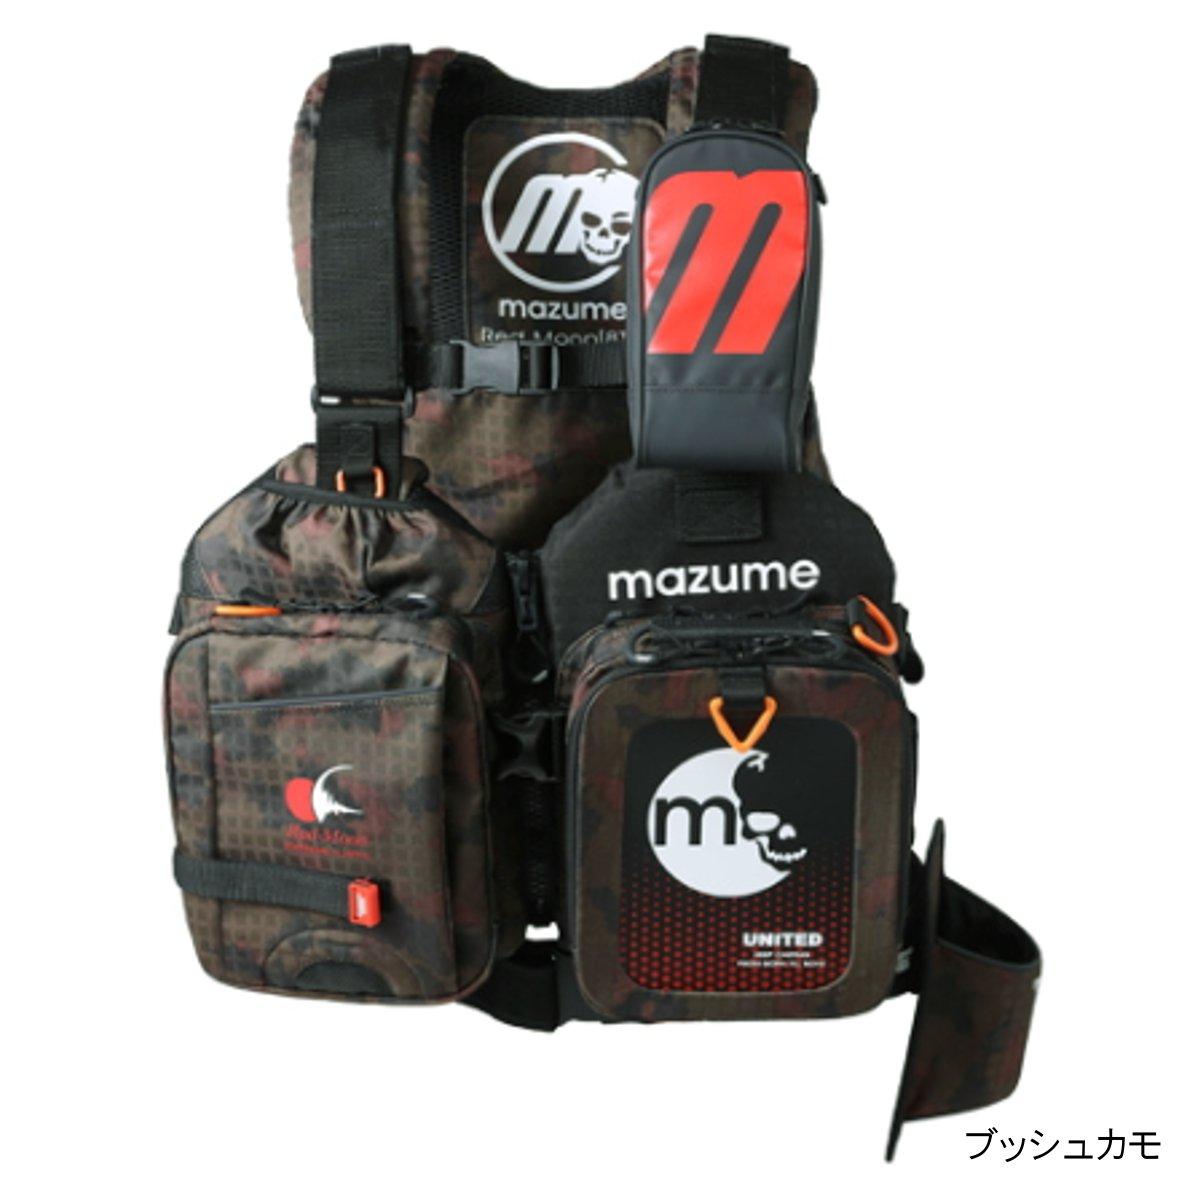 オレンジブルー mazume レッドムーンライフジャケット VIII MZLJ-402 フリー ブッシュカモ【送料無料】